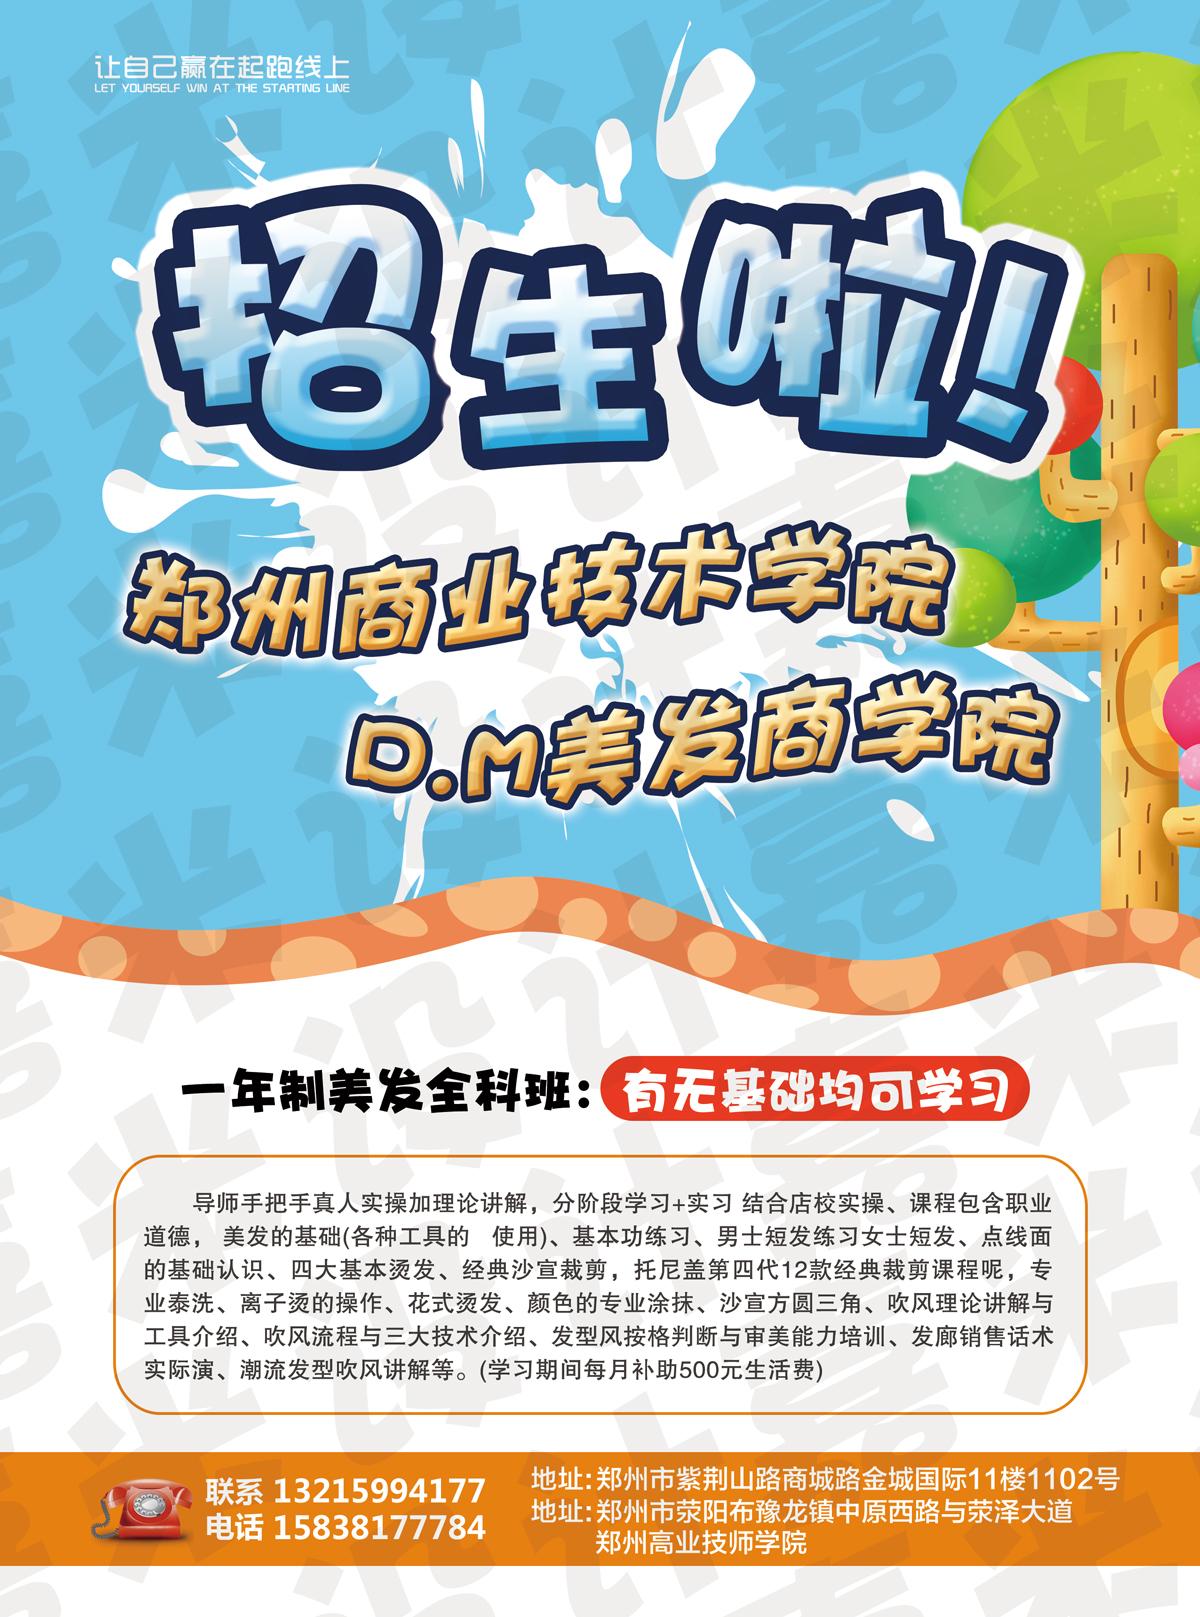 郑州市商业技师学院DM美发商学院向全国招